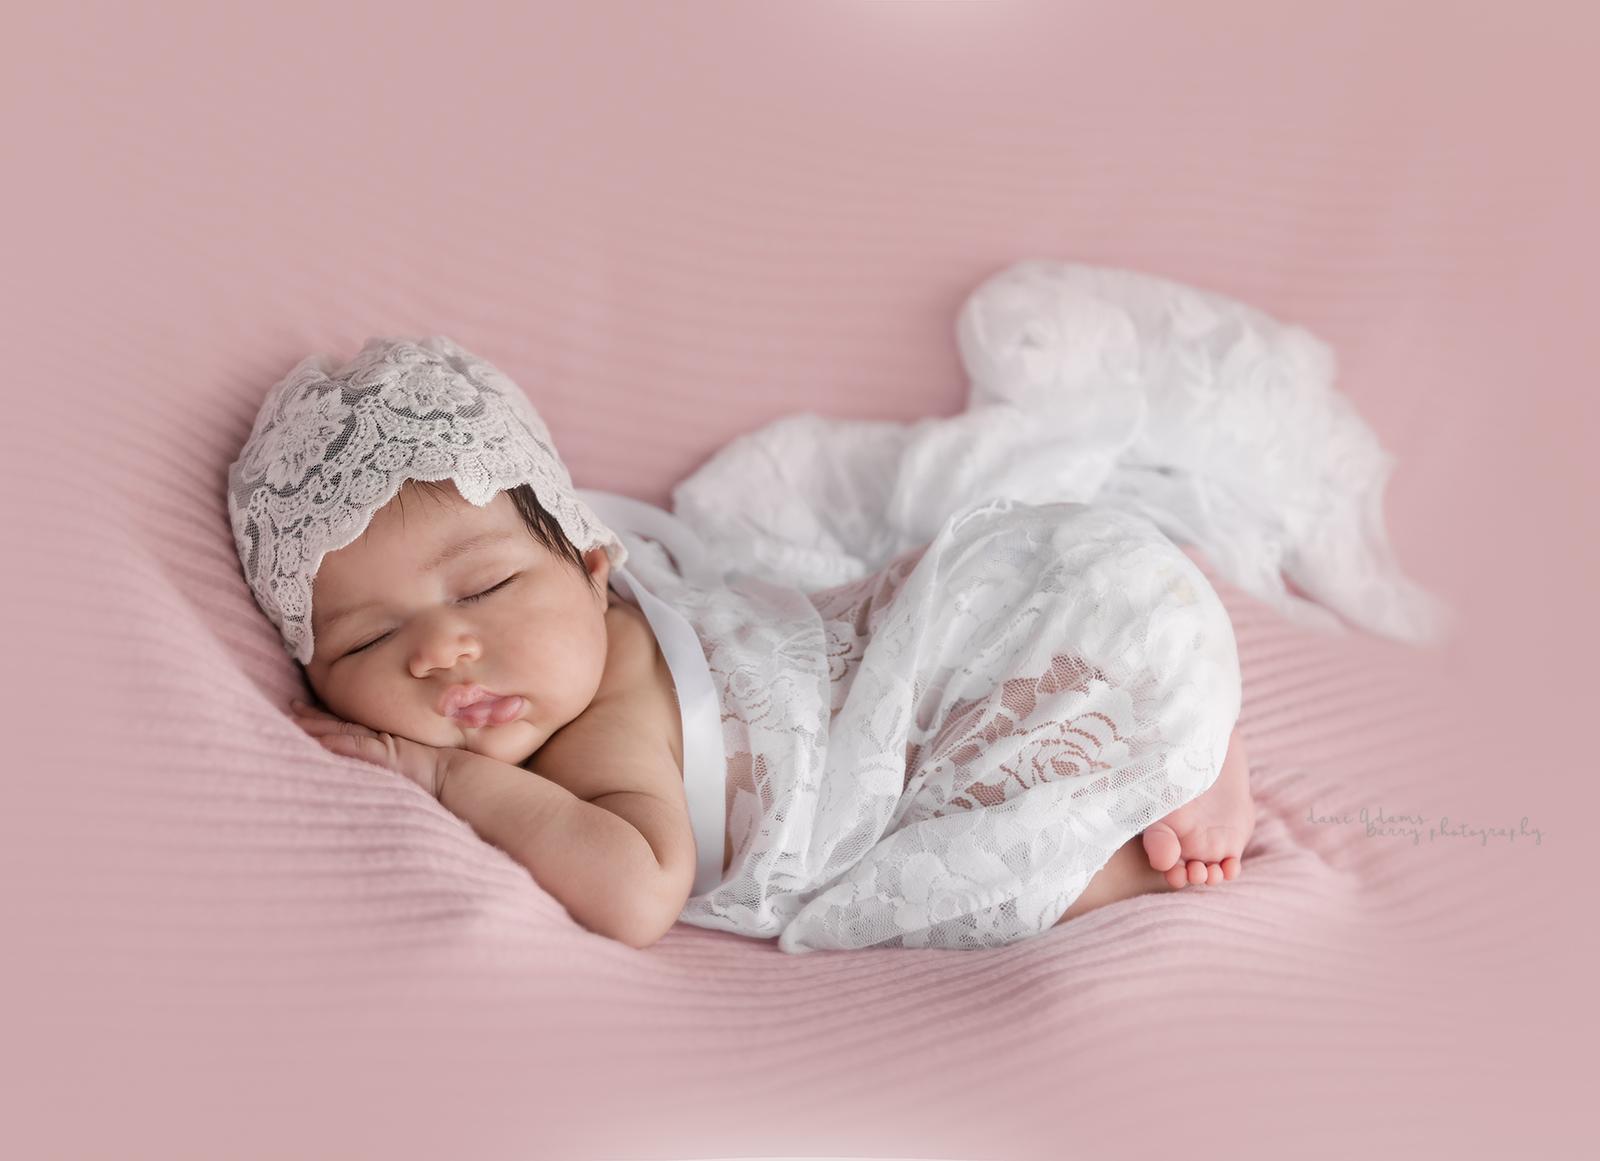 Best newborn baby girl pictures dallas tx